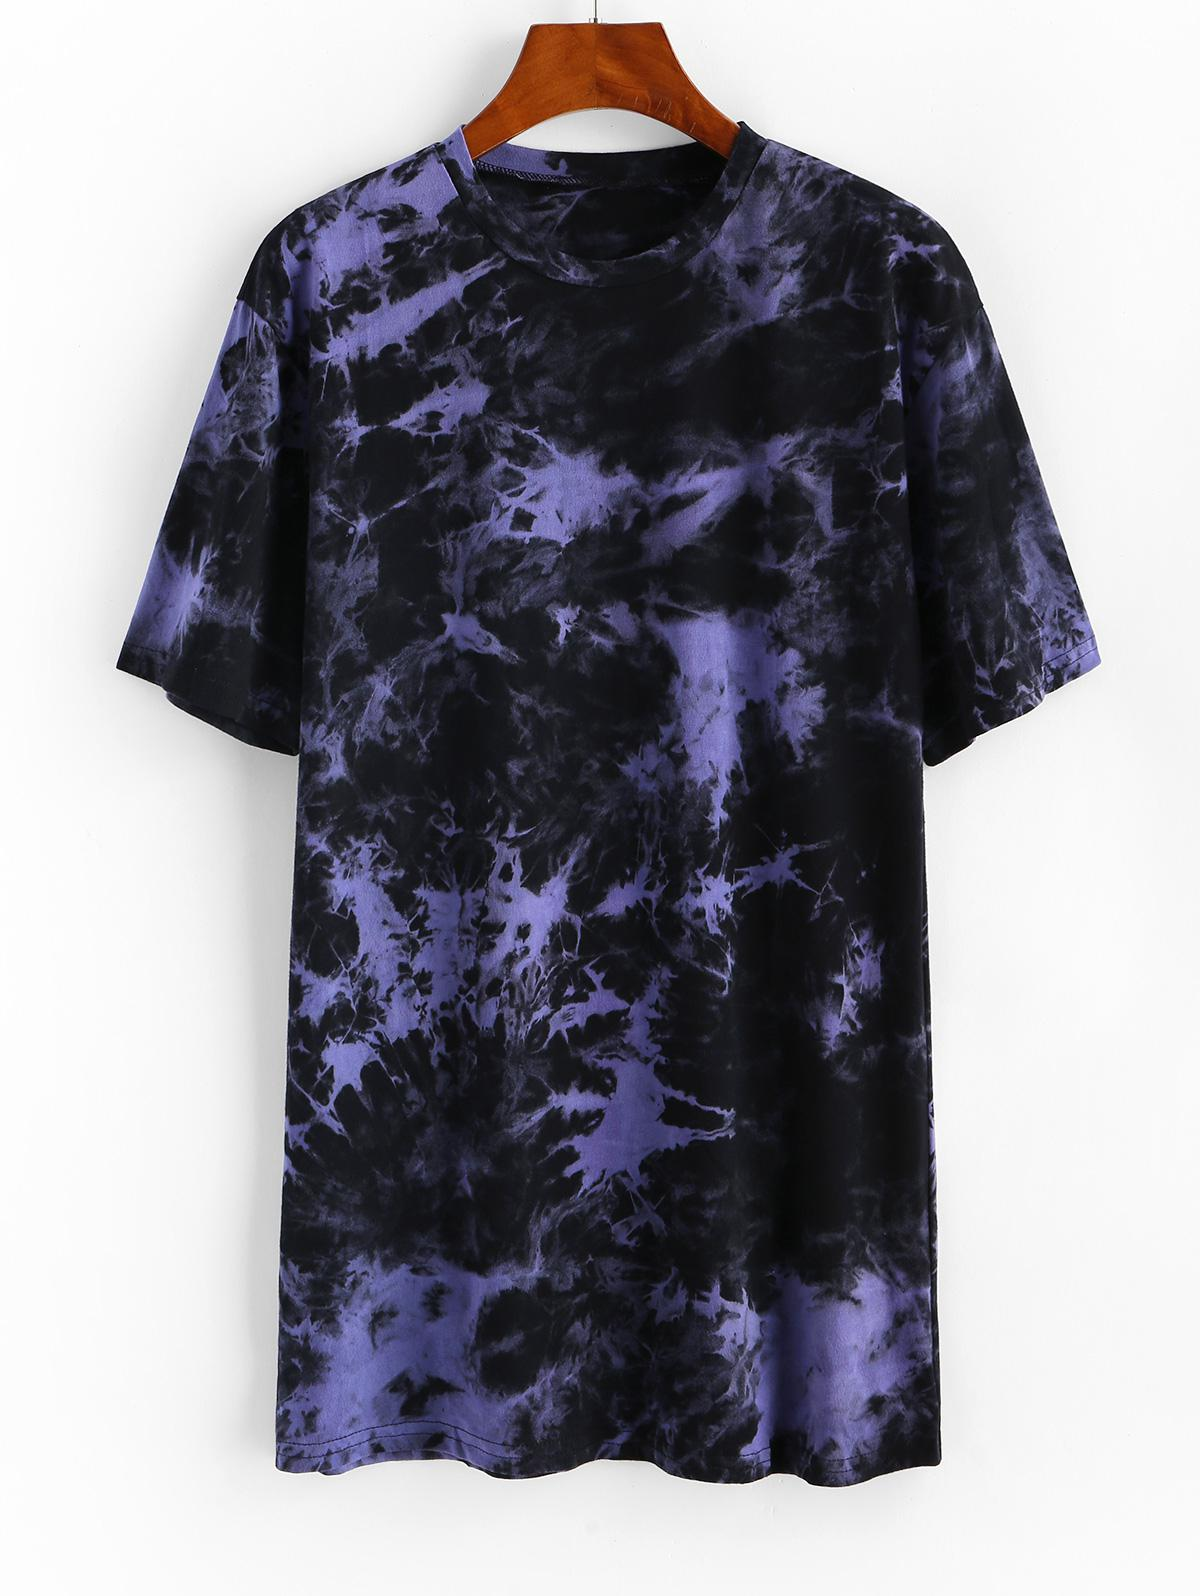 Longline Tie Dye Boyfriend Tee, ZAFUL  - buy with discount